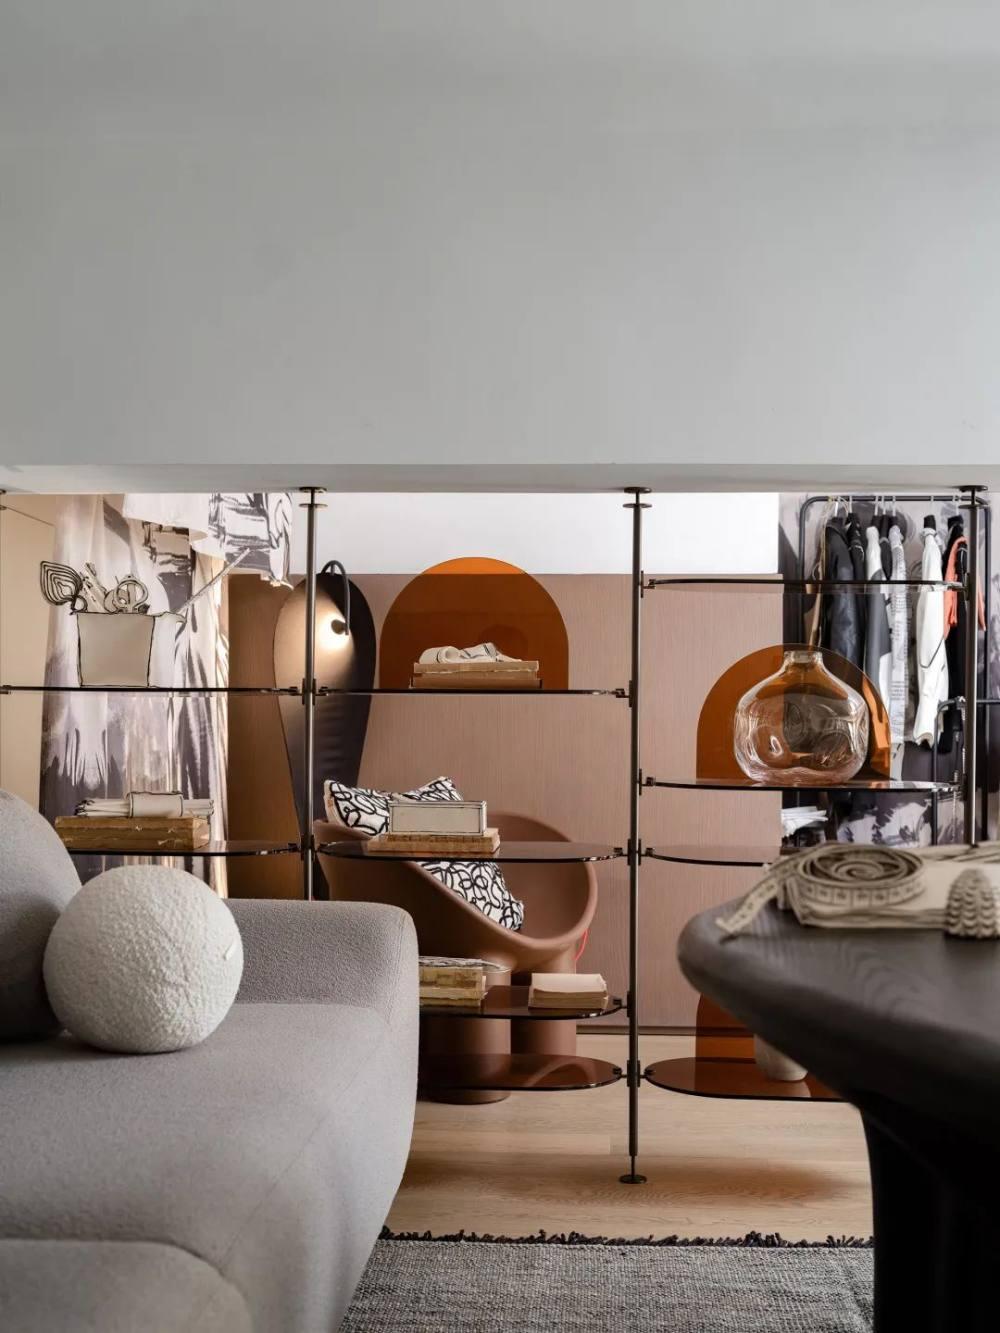 布鲁盟设计丨阳光城梵悦108:设计生活与艺术的共同体-35.jpg